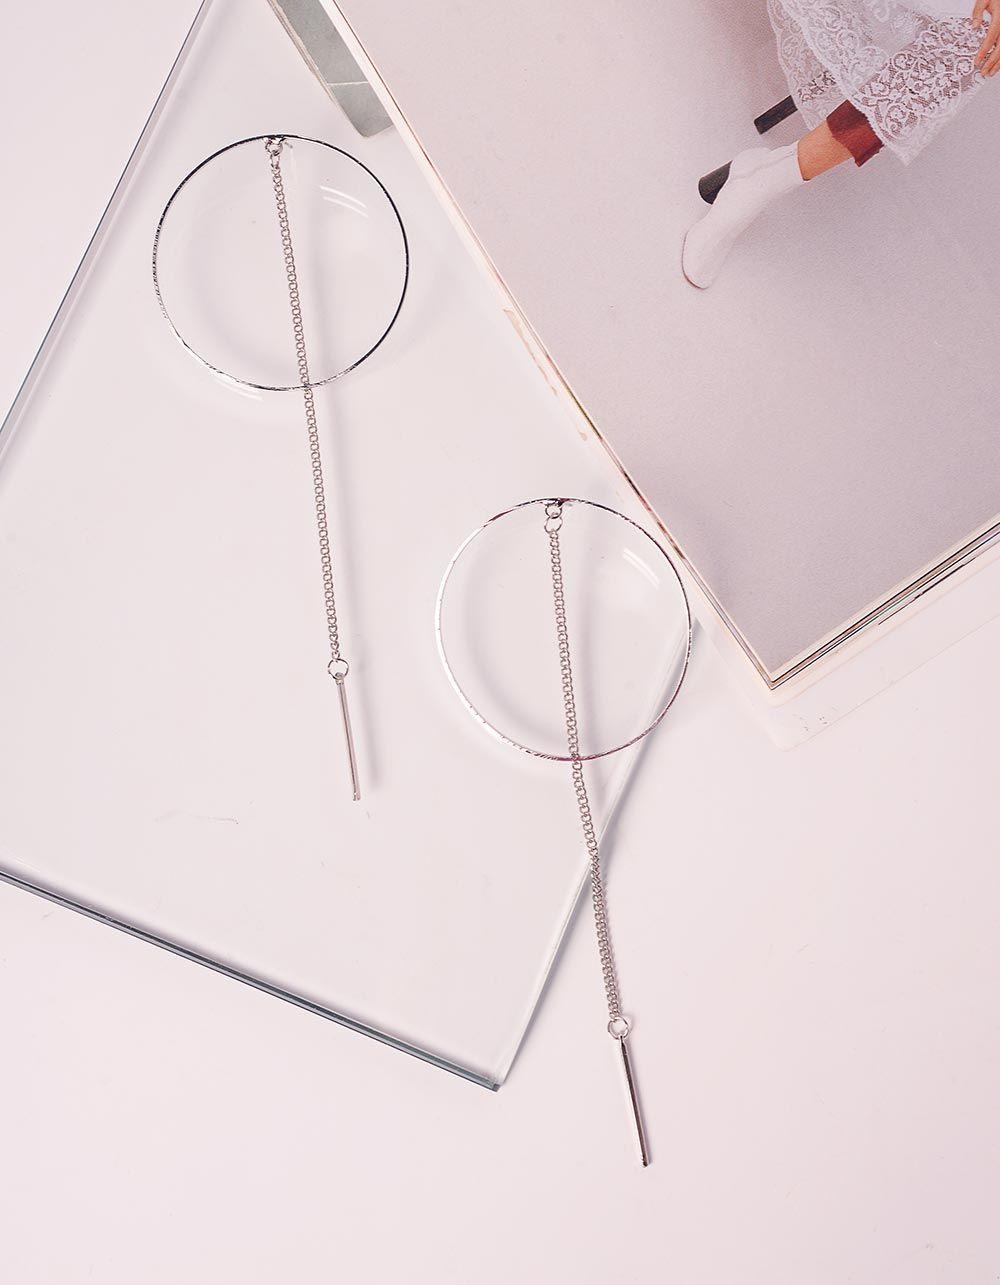 Сережки довгі у вигляді кілець з ланцюжками | 240074-05-XX